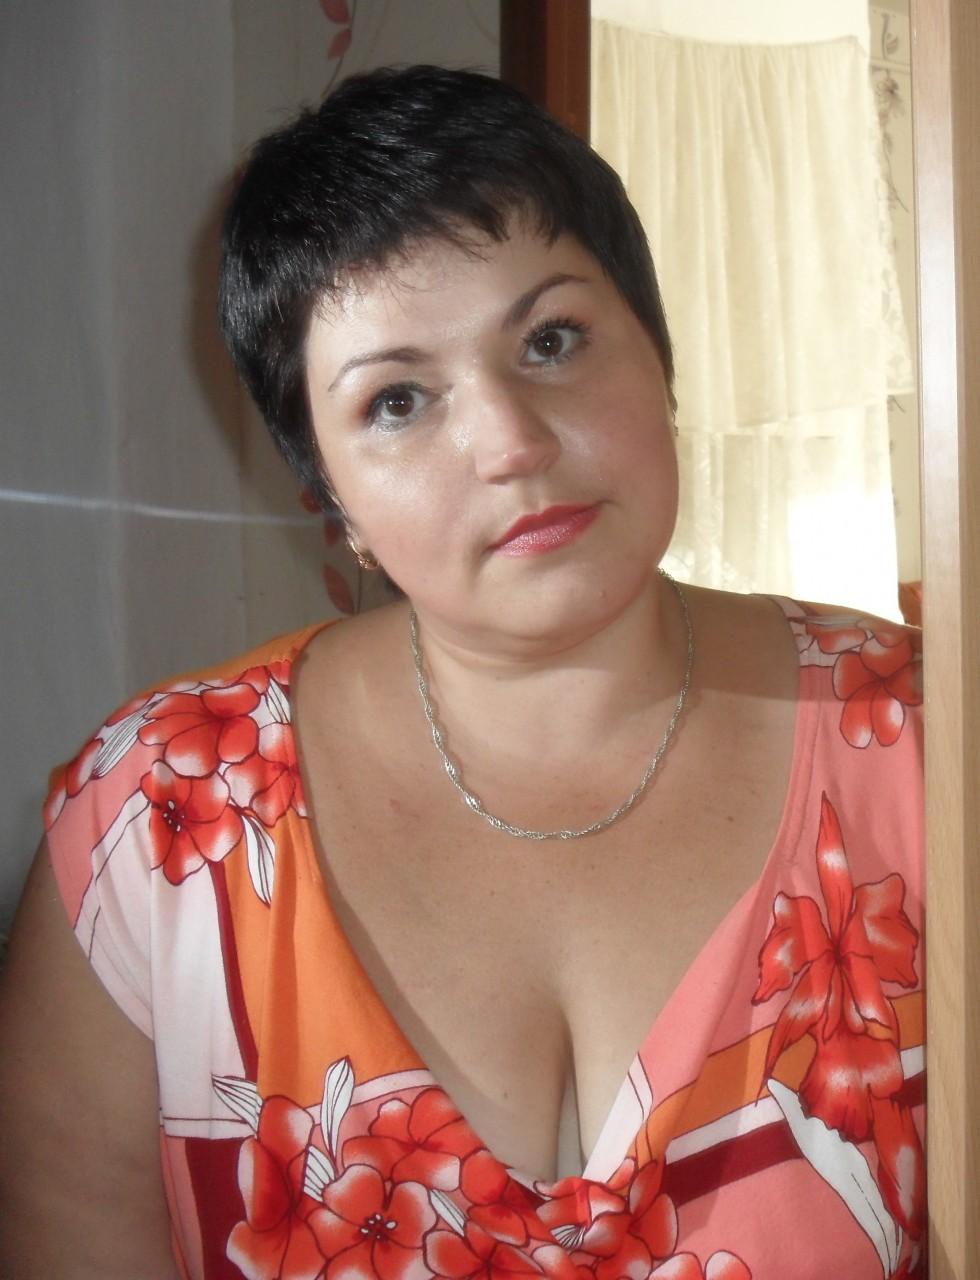 Знакомства С Полными Женщинами В Москве Телефонами